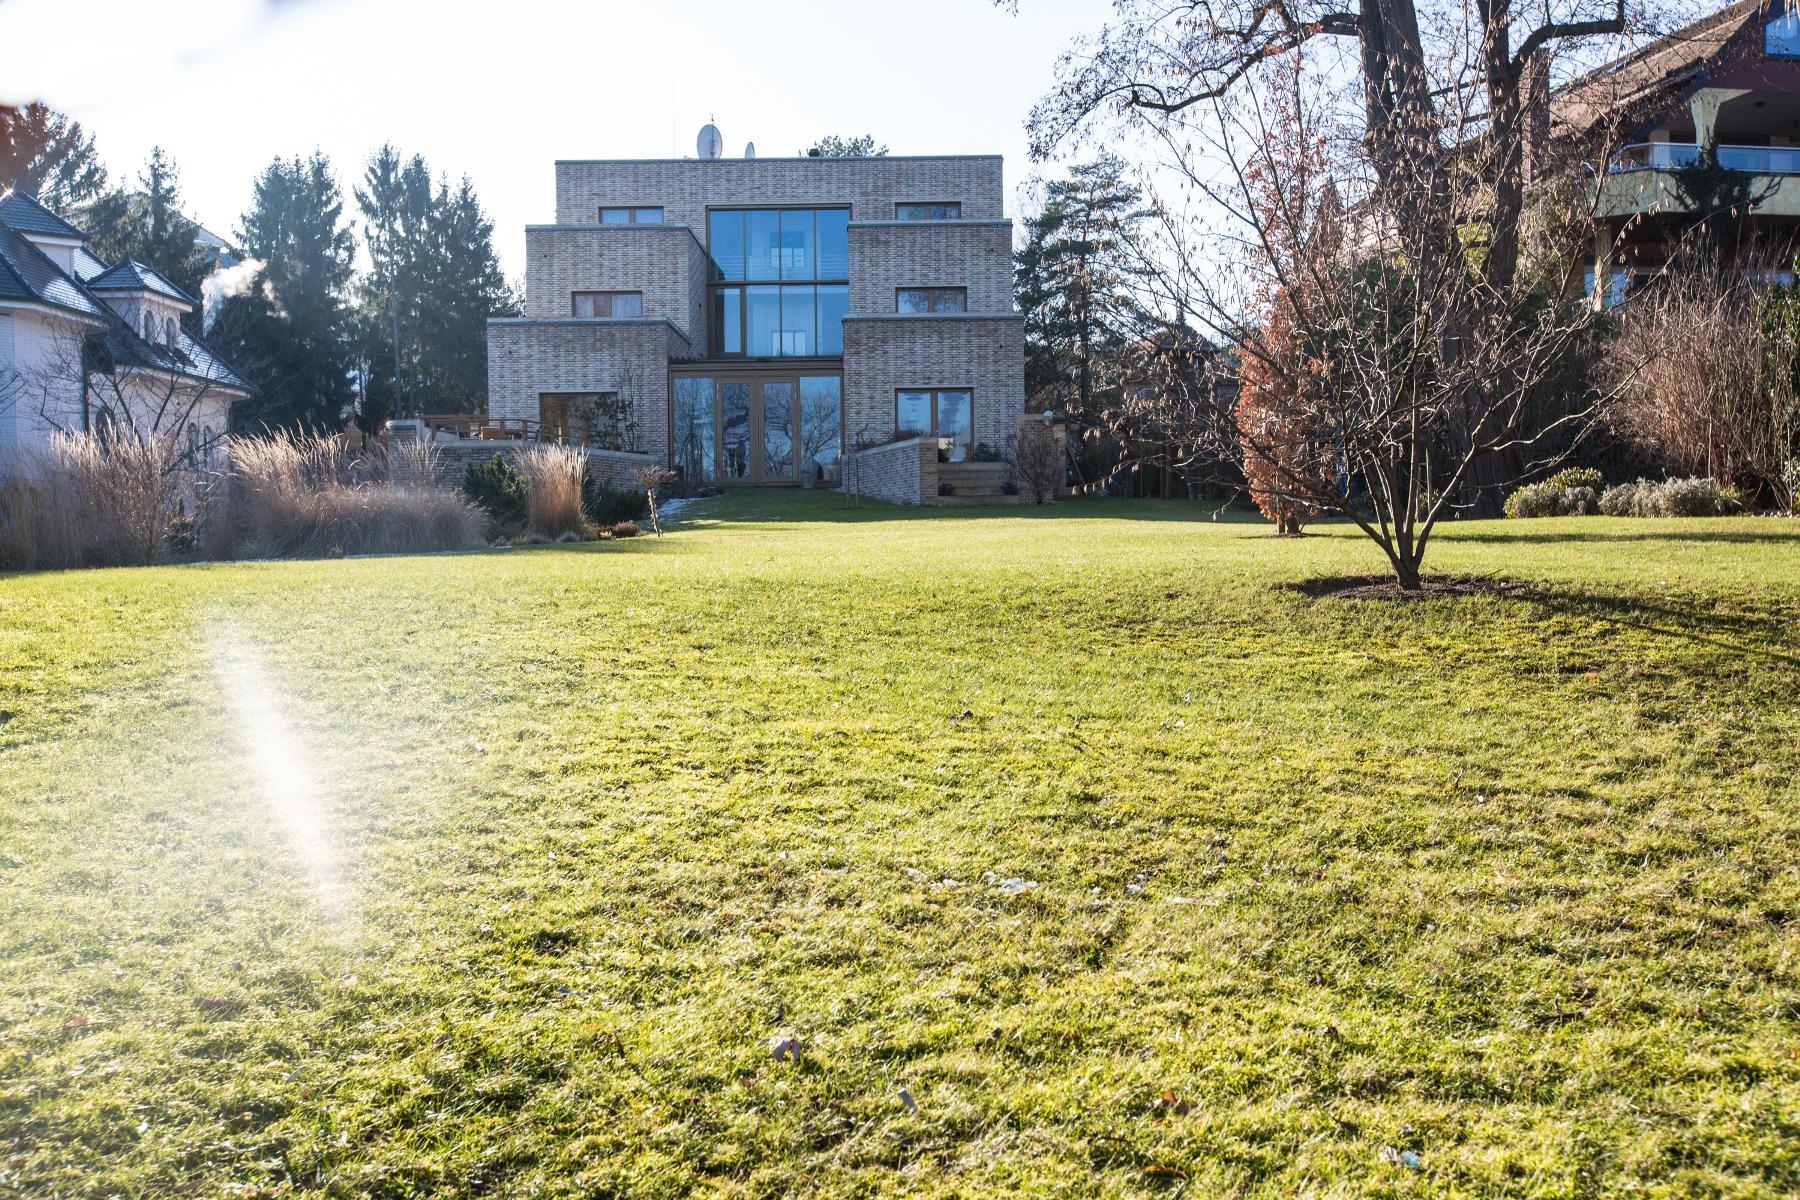 단독 가정 주택 용 매매 에 Luxurious architect´s villa directly by the Krampnitzsee Potsdam, Brandenburg, 14476 독일